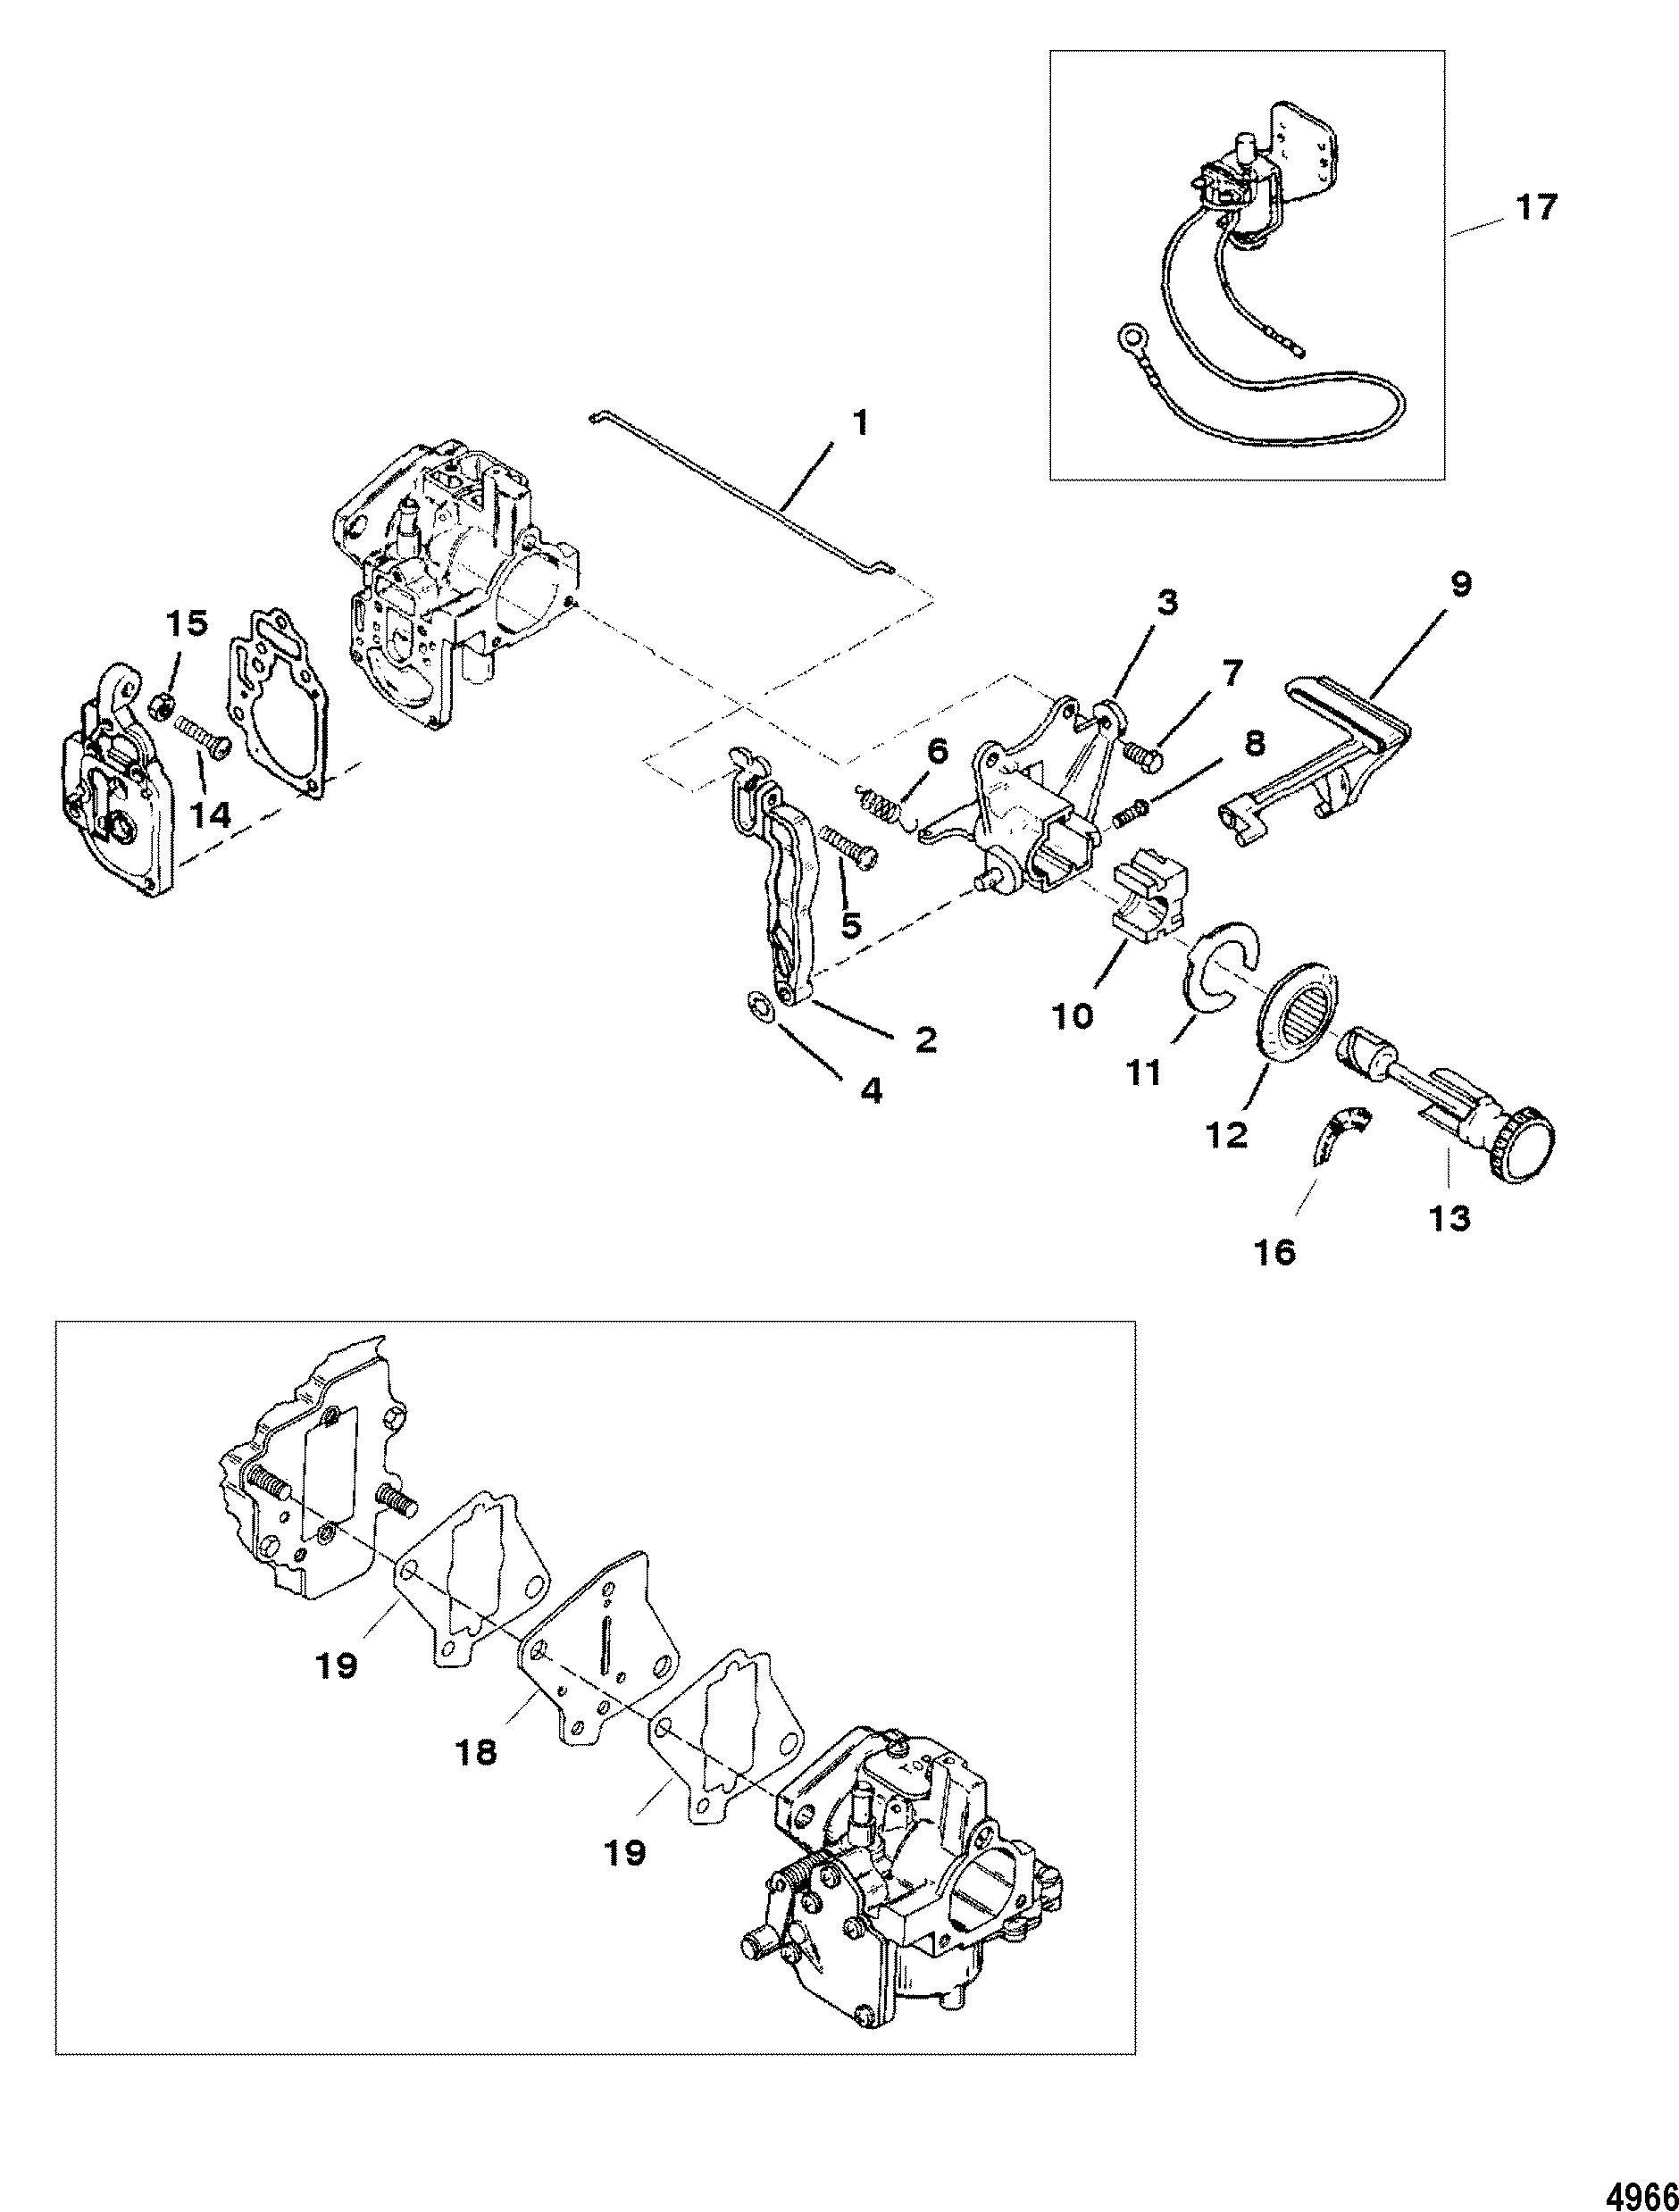 Carburetor Linkage For Mariner Mercury 6 8 9 9 15 Hp